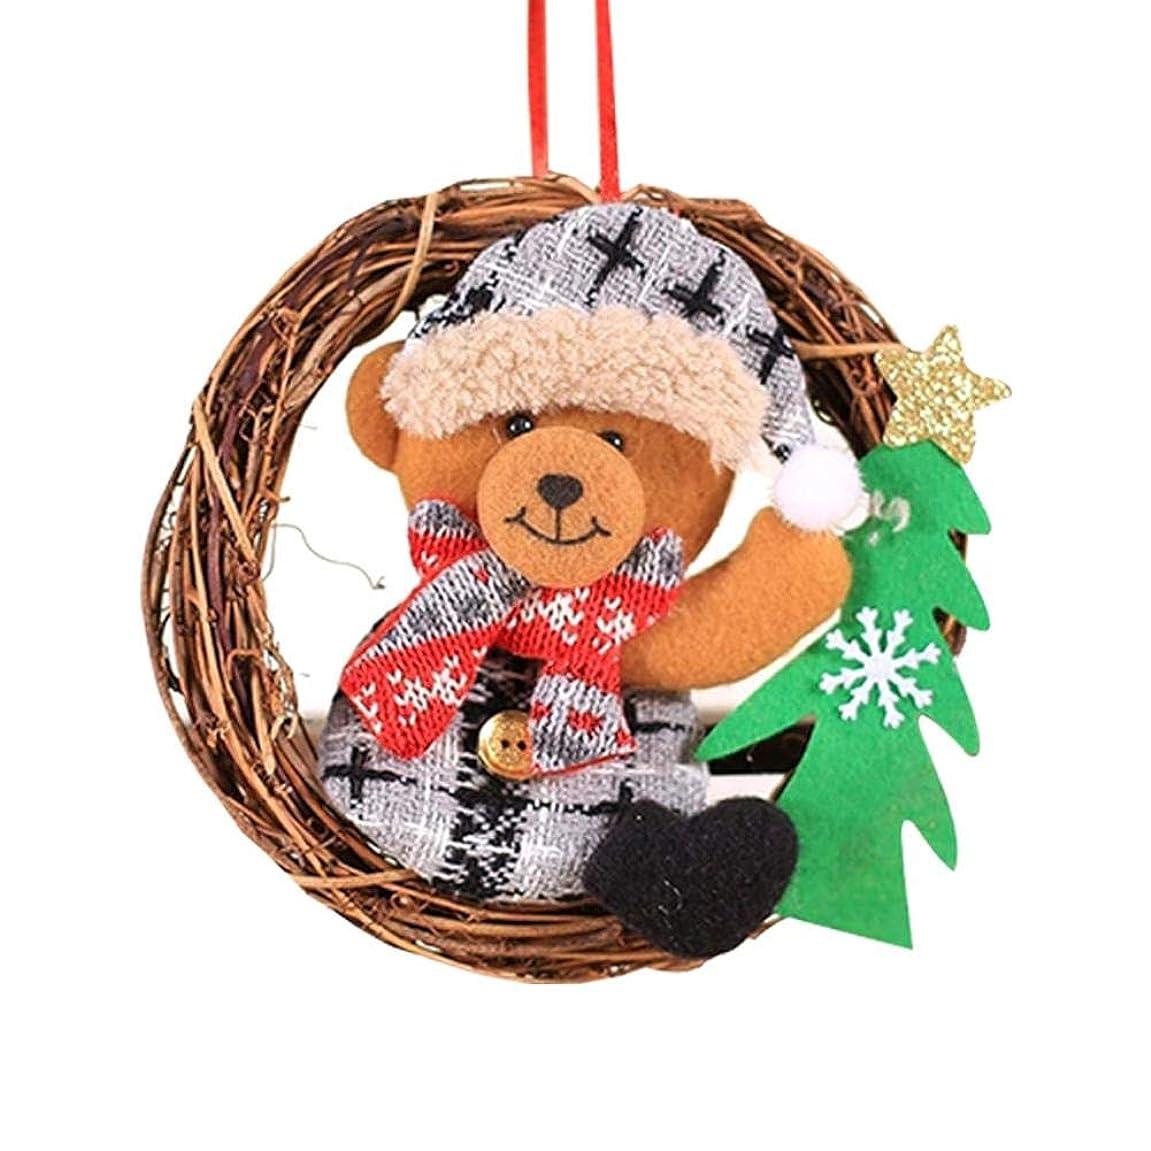 世界に死んだ義務付けられたヒューズshopparadise クリスマスツリー飾り サンタ人形 クリスマスオーナメント クリスマスツリ 可愛い雪だるま 吊り装飾用 インテリア飾りクリスマス雰囲気満載 クリスマス飾り クリスマスツリー飾り 壁掛け 玄関掛け 装飾 ストラップ 置物 熊 サンタクロース 雪だるま トナタ パーディー プレゼント